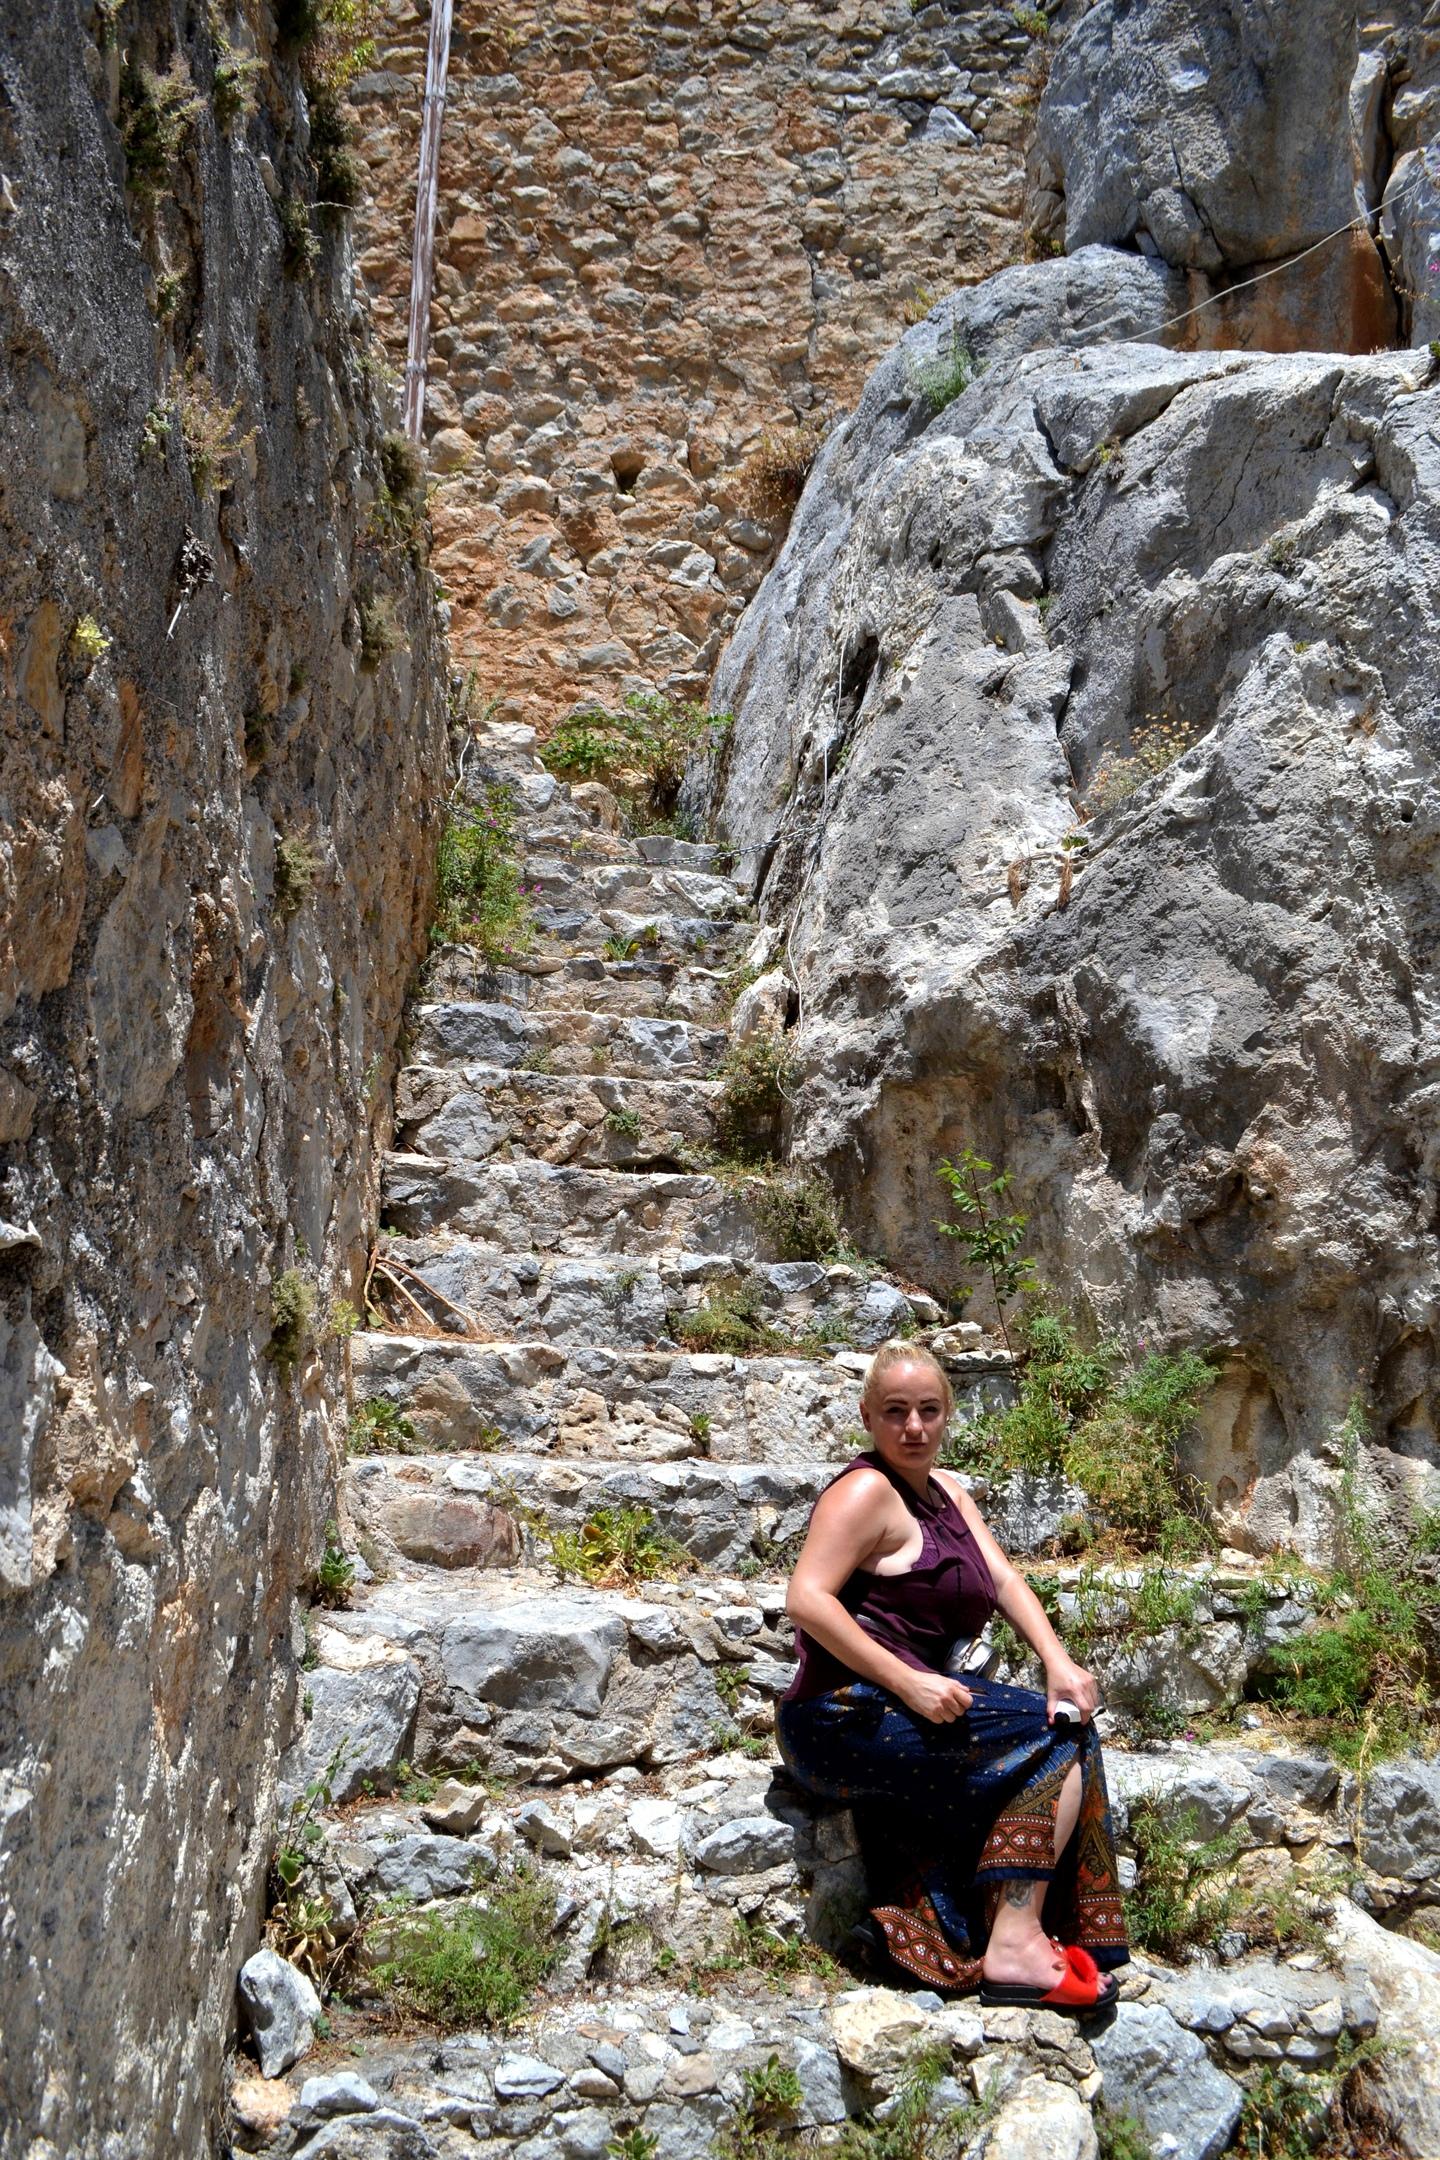 Северный Кипр. Замок Святого Иллариона. (фото). HhvUvzLTKL0